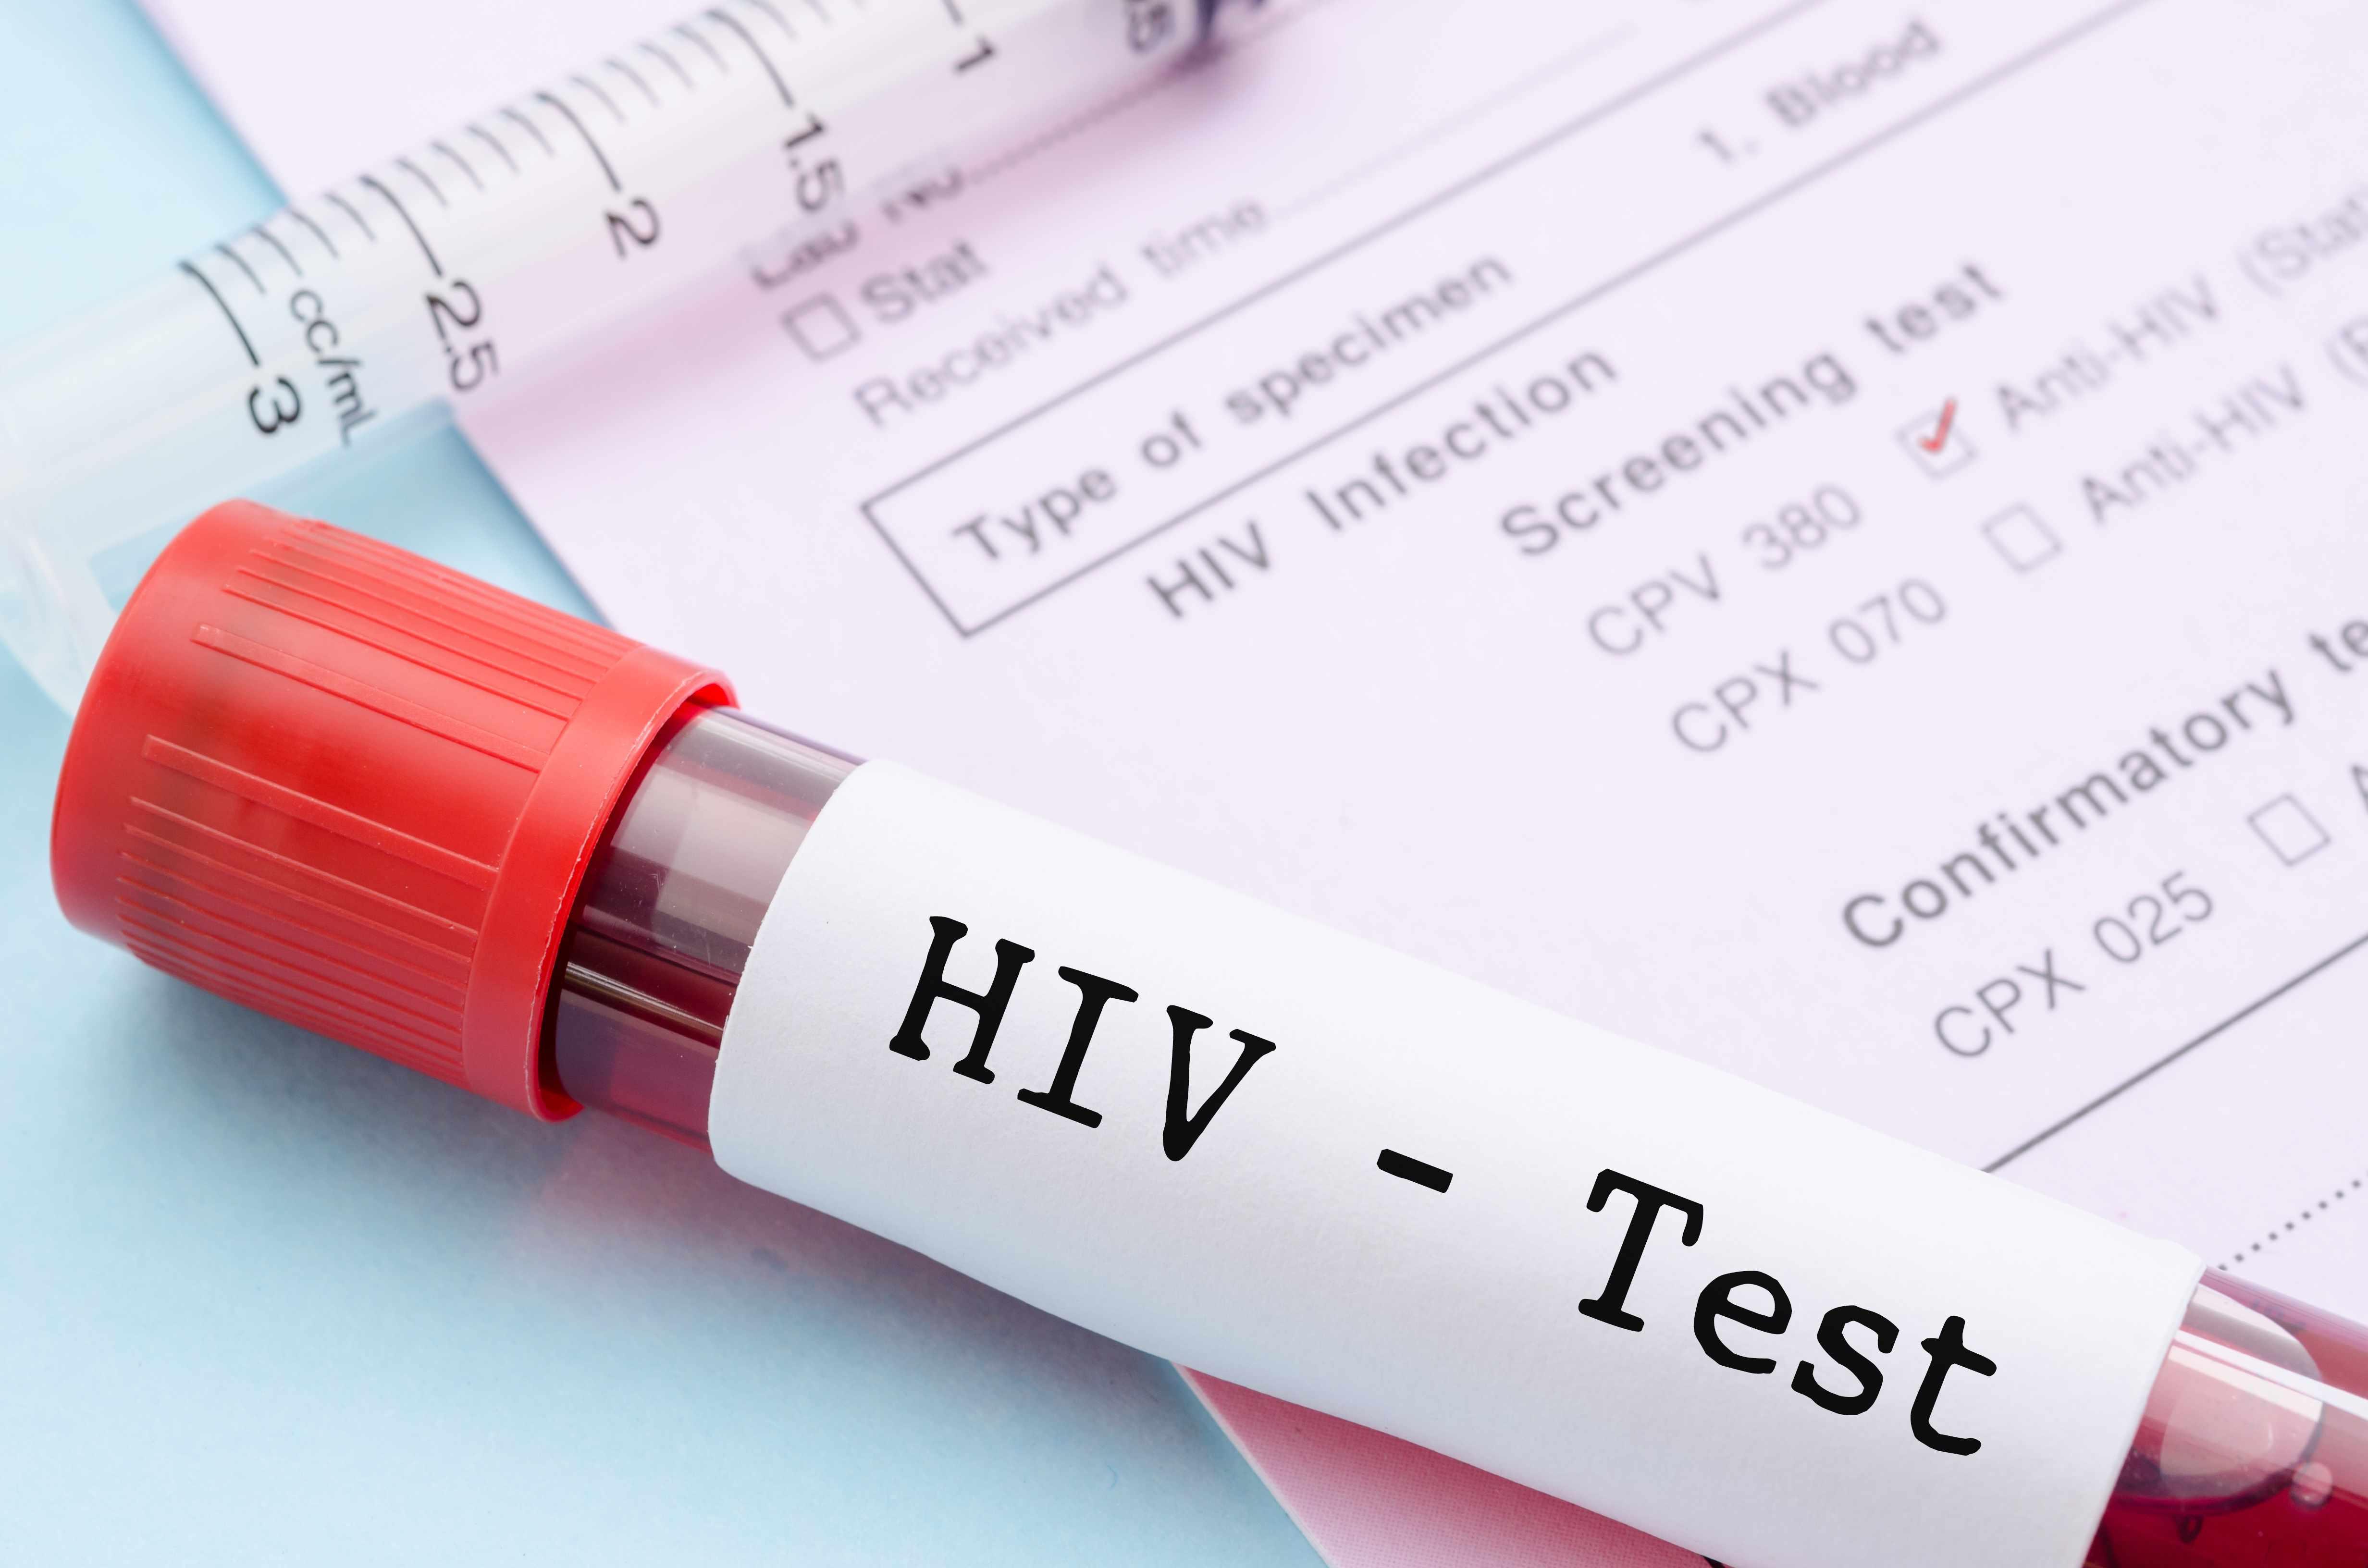 Sintomas de infecção recente pelo HIV